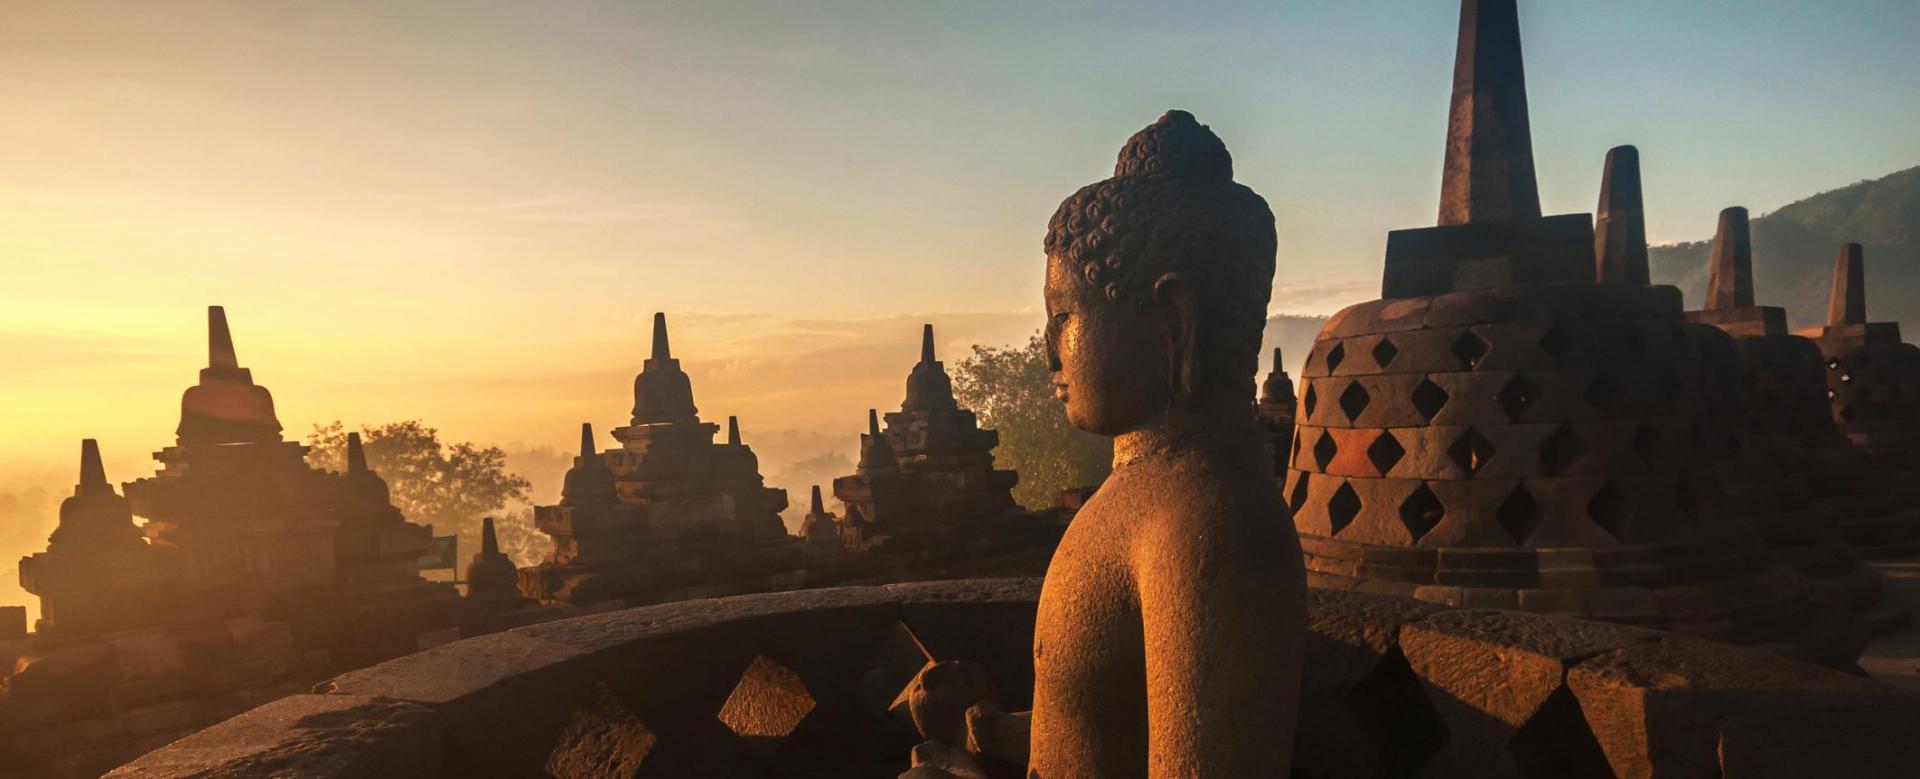 Voyage à pied : Java et bali secrètes